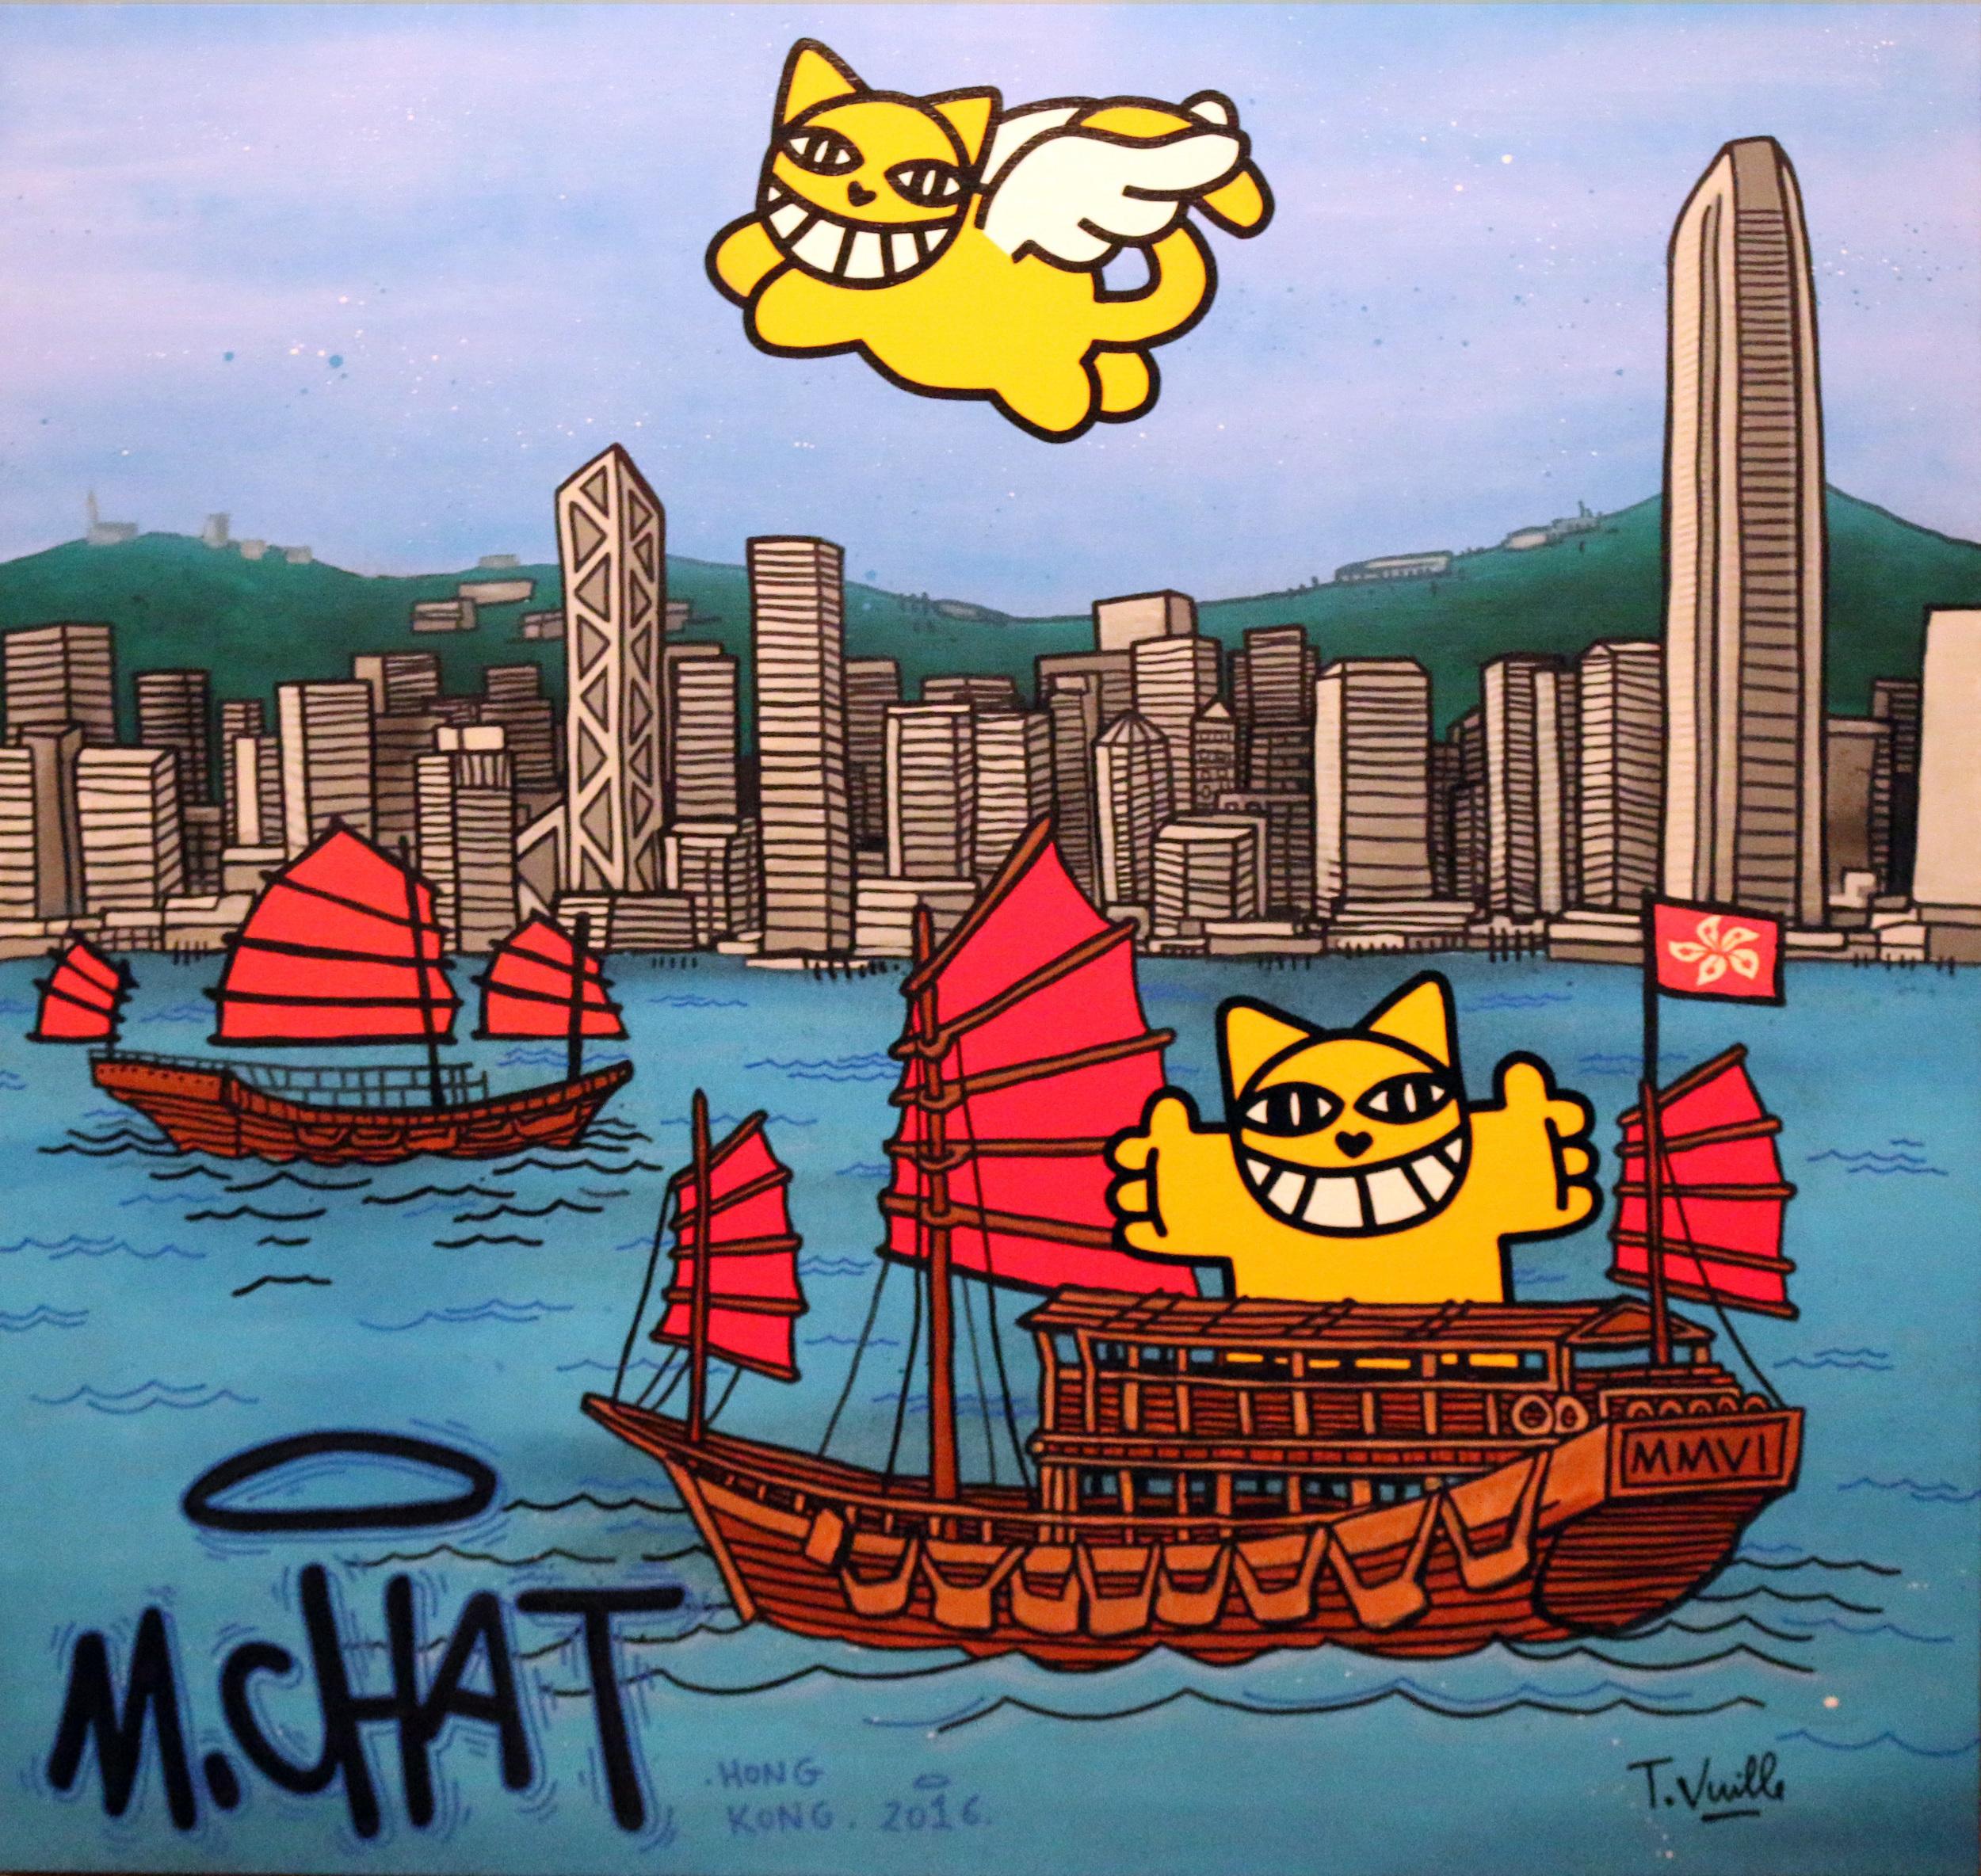 M. Chat__Hong Kong 2016__100 x 100 cm_Acrylic on Canvas_2016.jpg